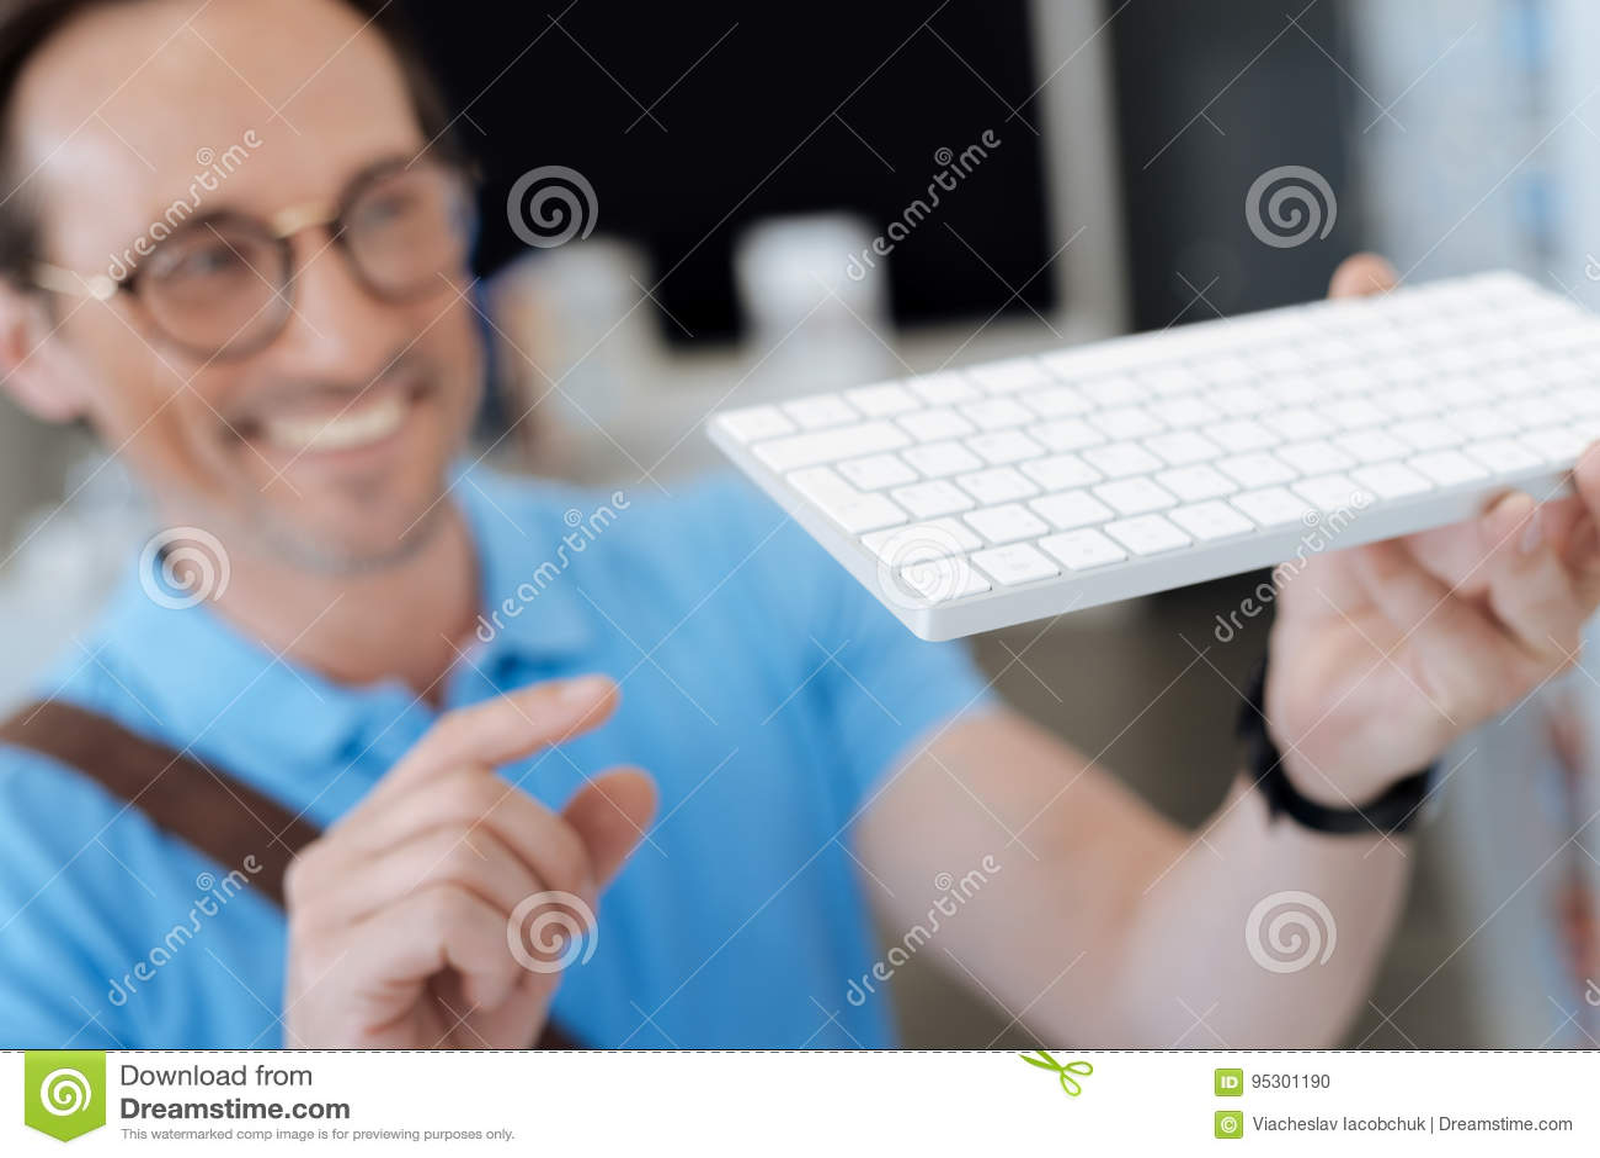 Hombre emocionado que mira el teclado para su ordenador en la sala de exposición